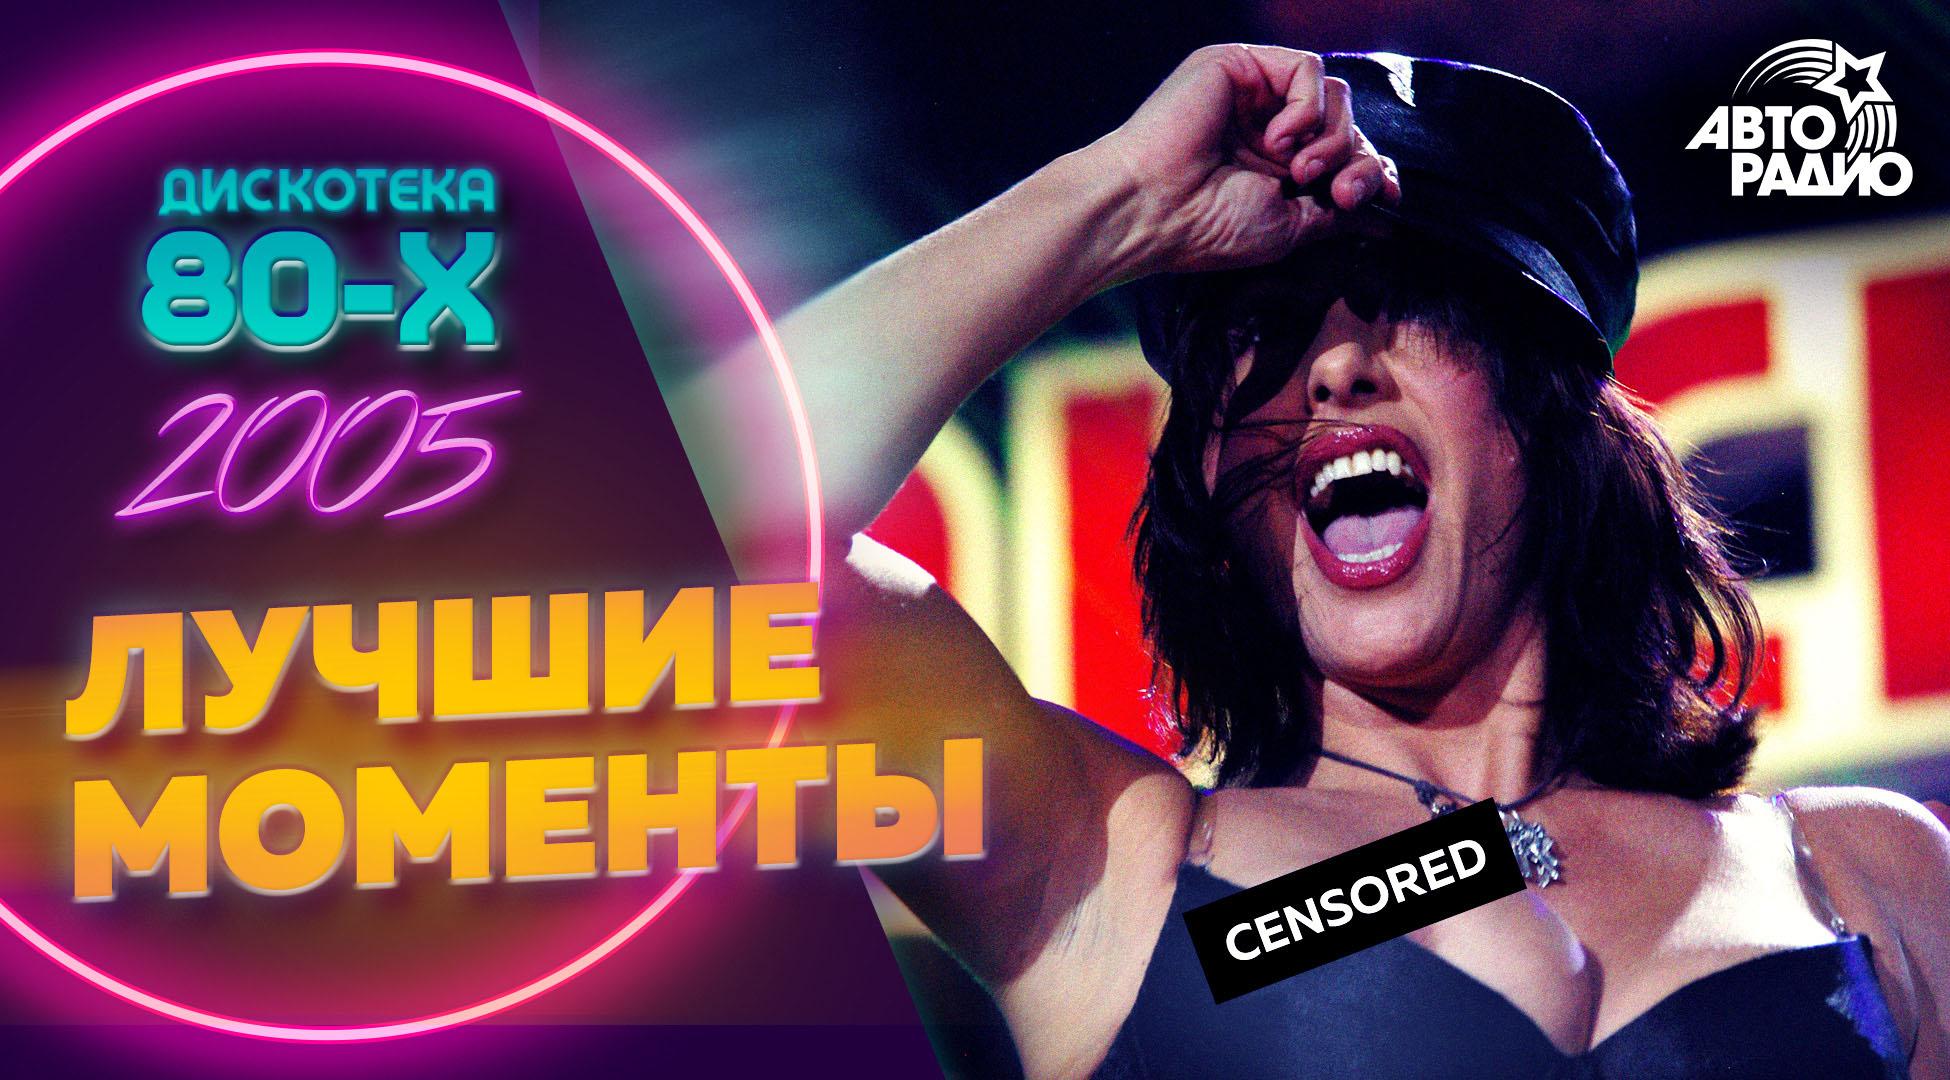 Дискотека 80-х 2005. Лучшие моменты фестиваля Авторадио